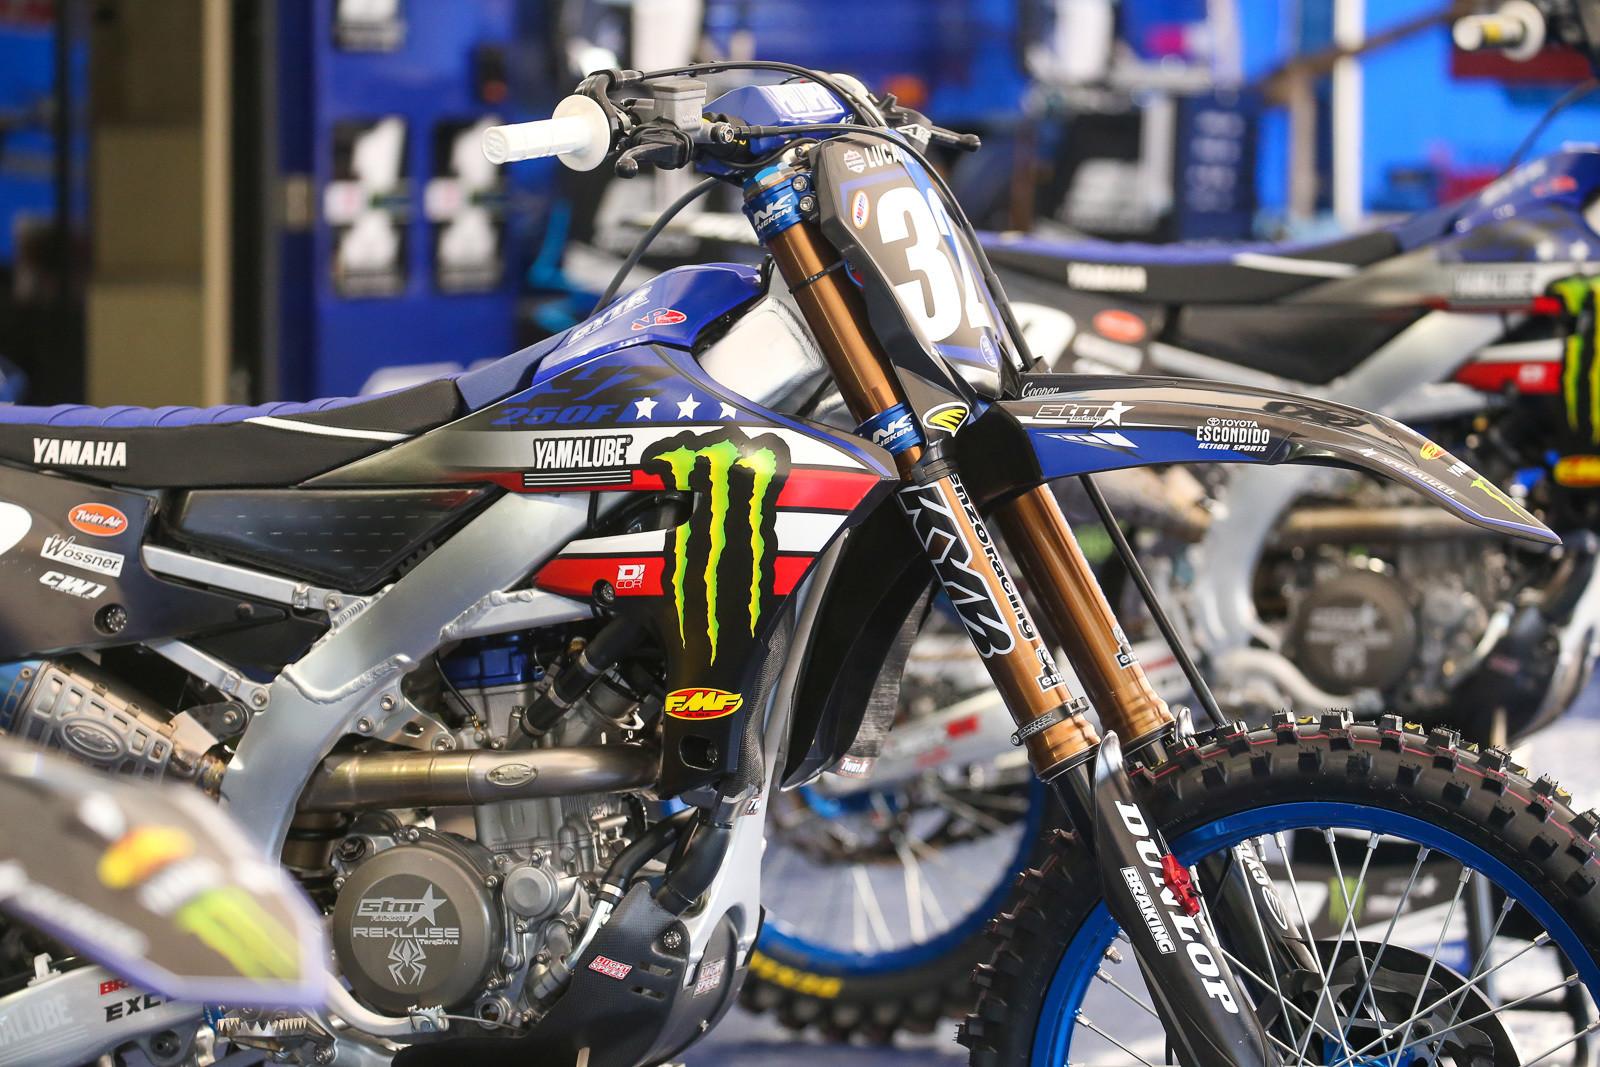 ...and Monster Energy Star Yamaha Racing's bikes.